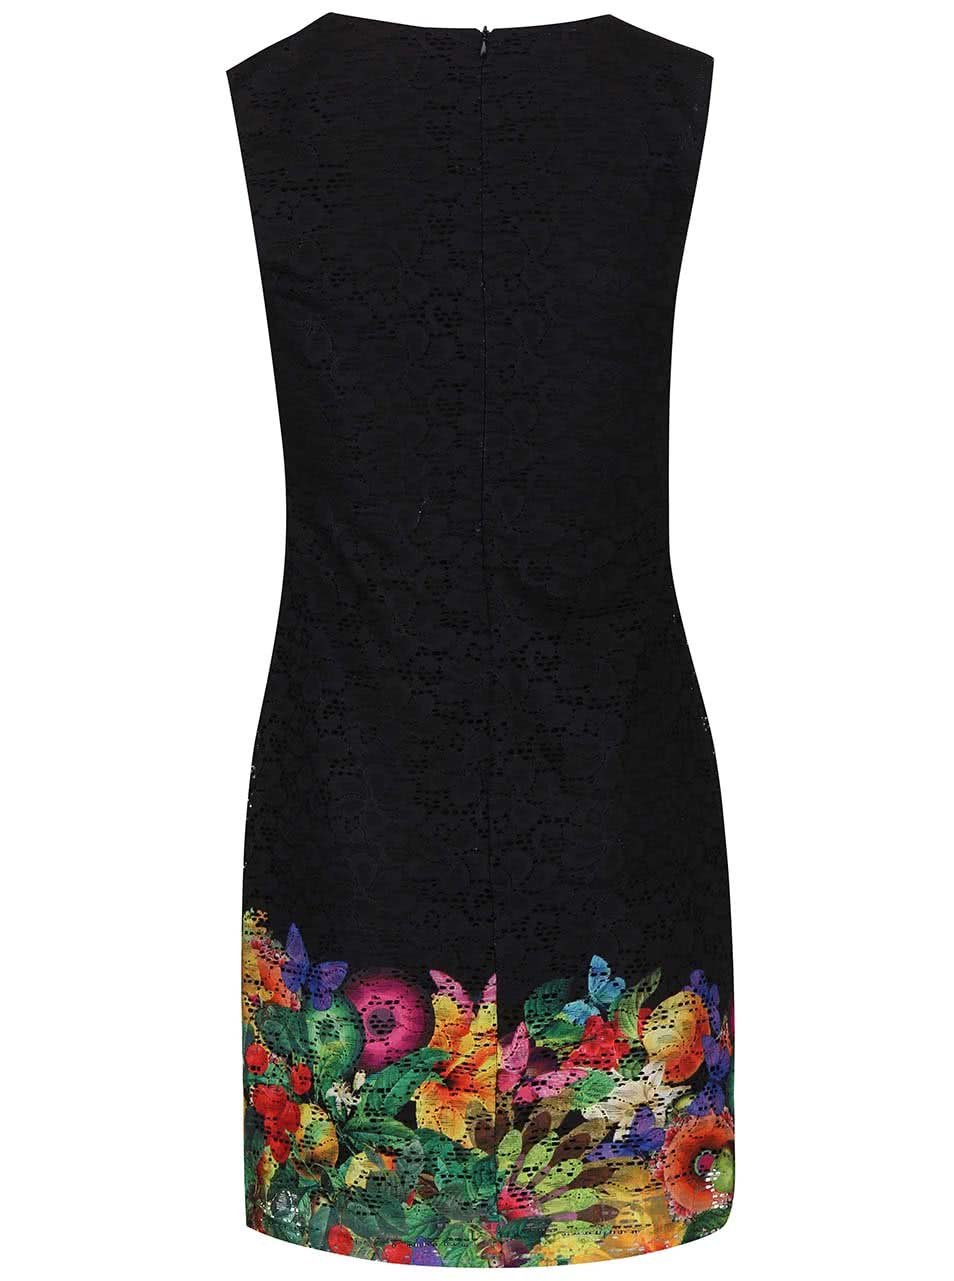 Černé šaty s motýly Desigual Guido ... 916512f1d7d